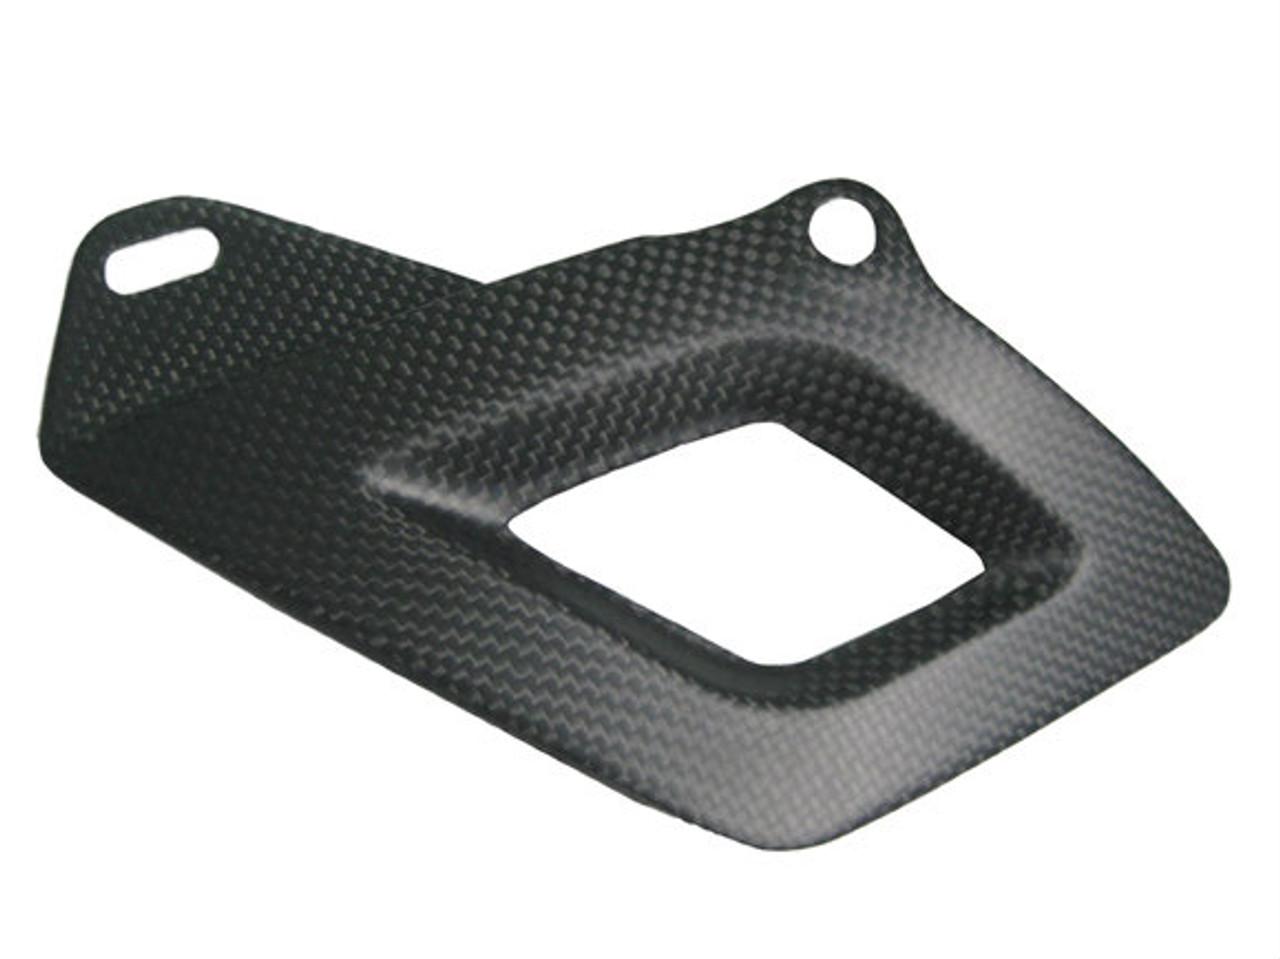 Matte Plain Weave Carbon Fiber Lower Chain Guard for Aprilia RSV4 2009+ and Tuono V4 2011+